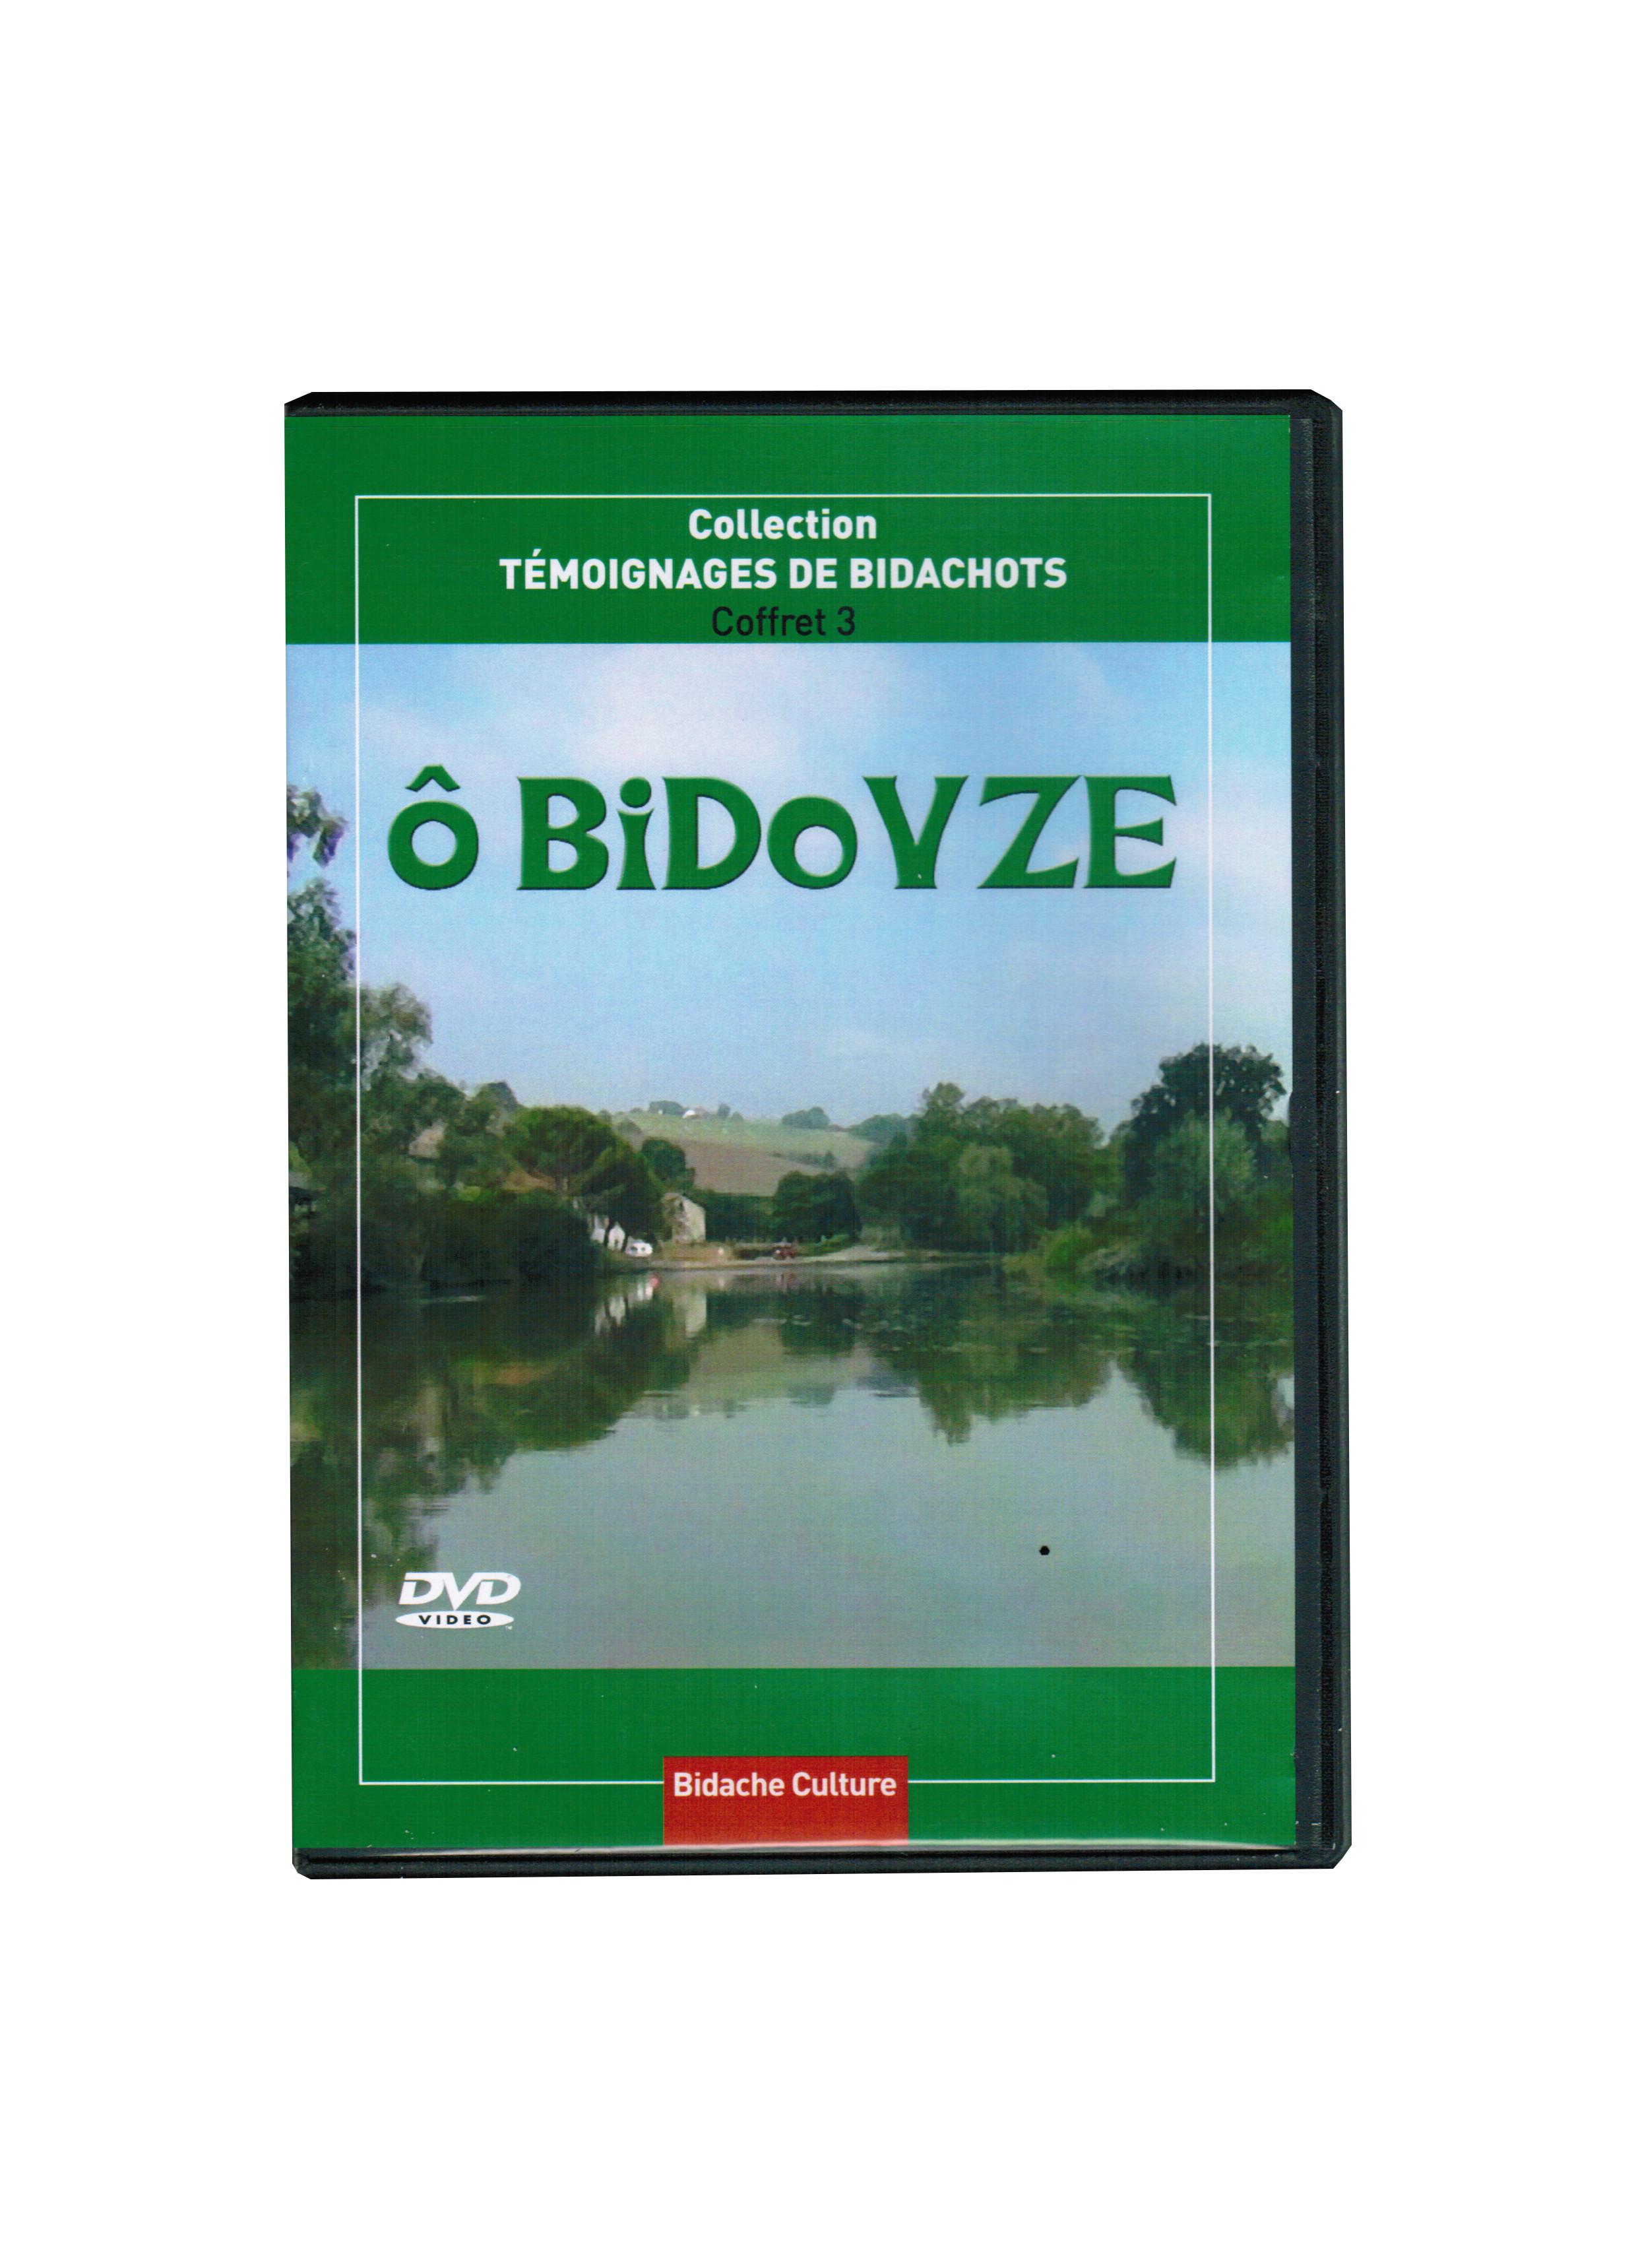 DVD ô Bidouze